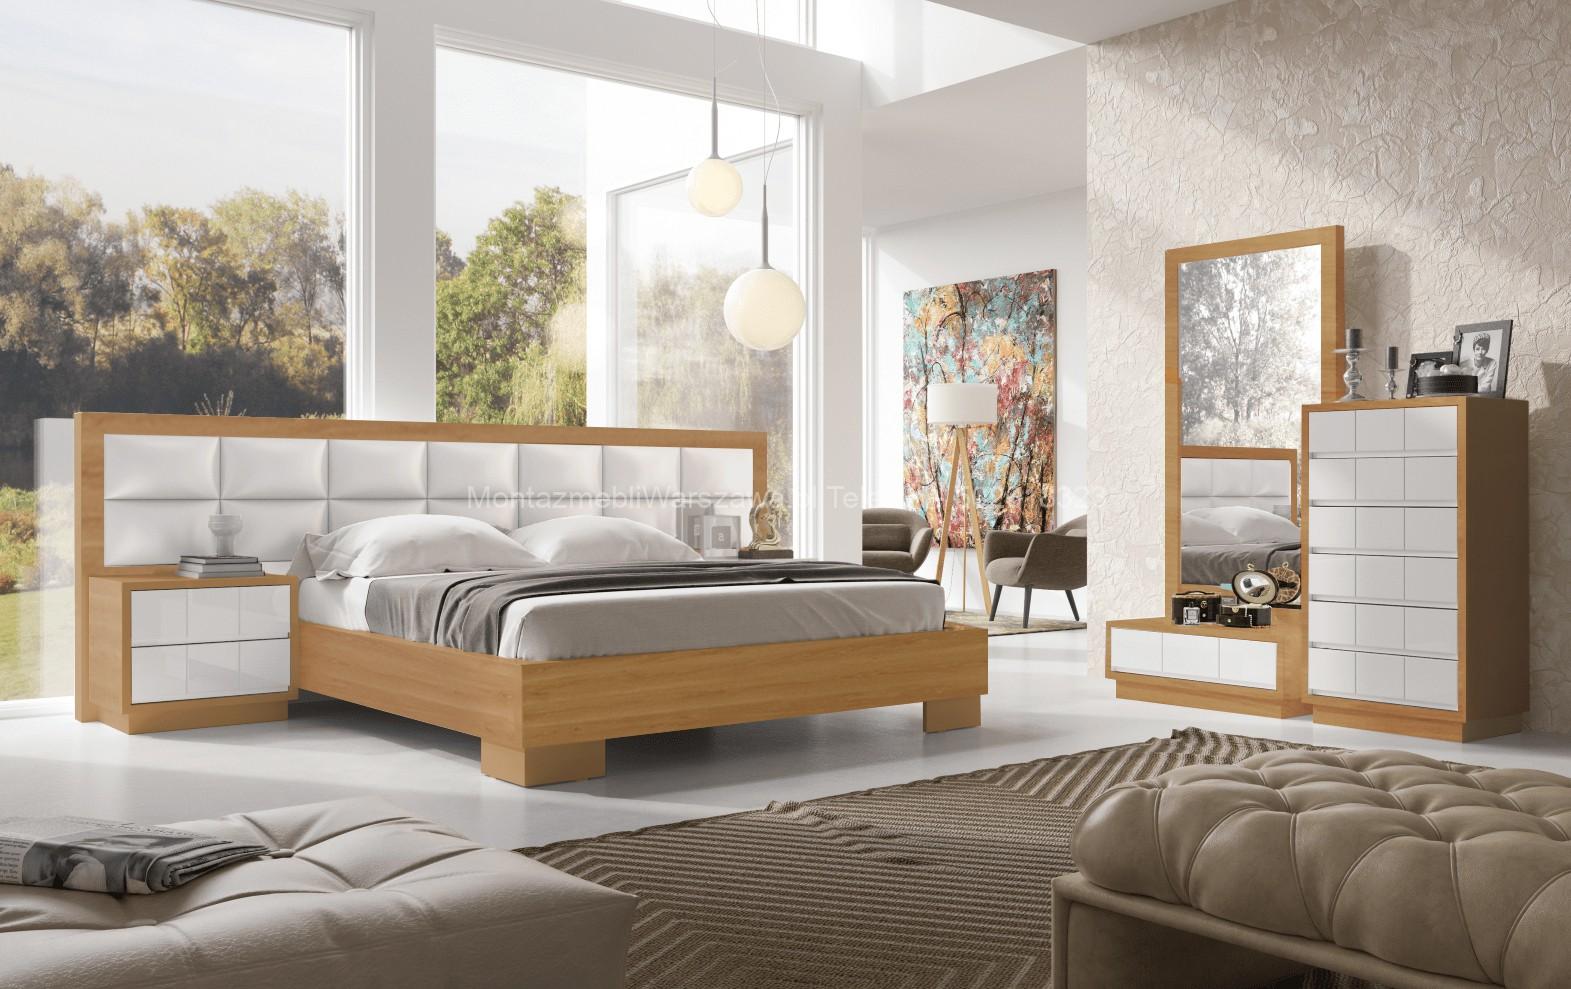 warszawa składanie łóżek